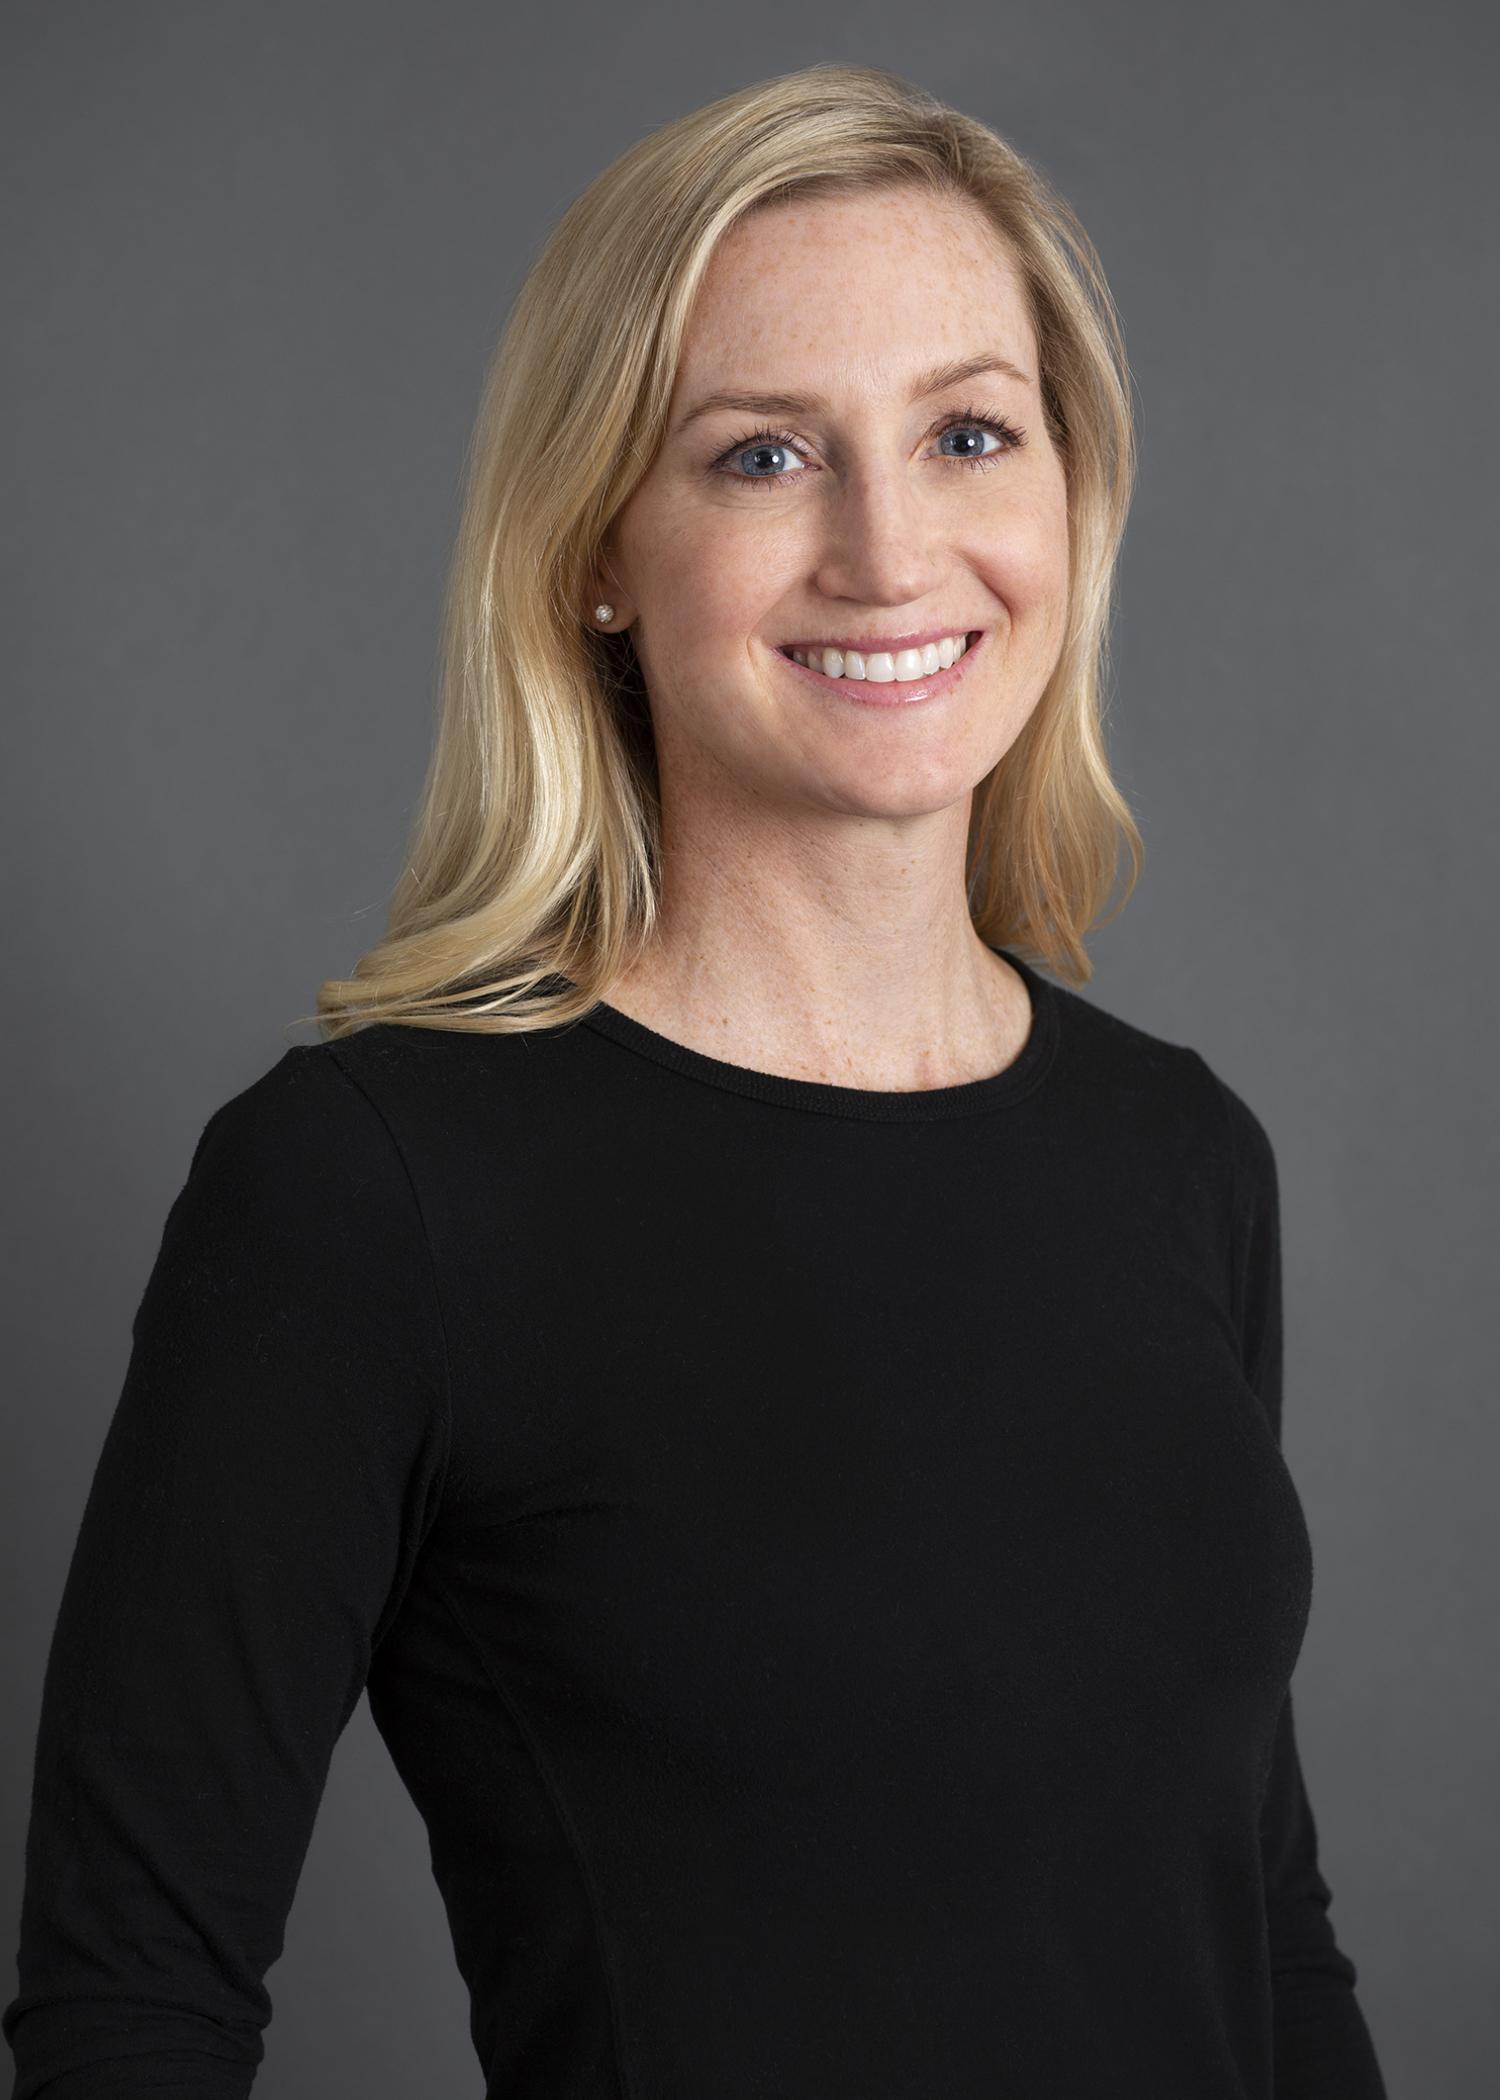 Kelley Lazzareschi - Annual Giving Campaign